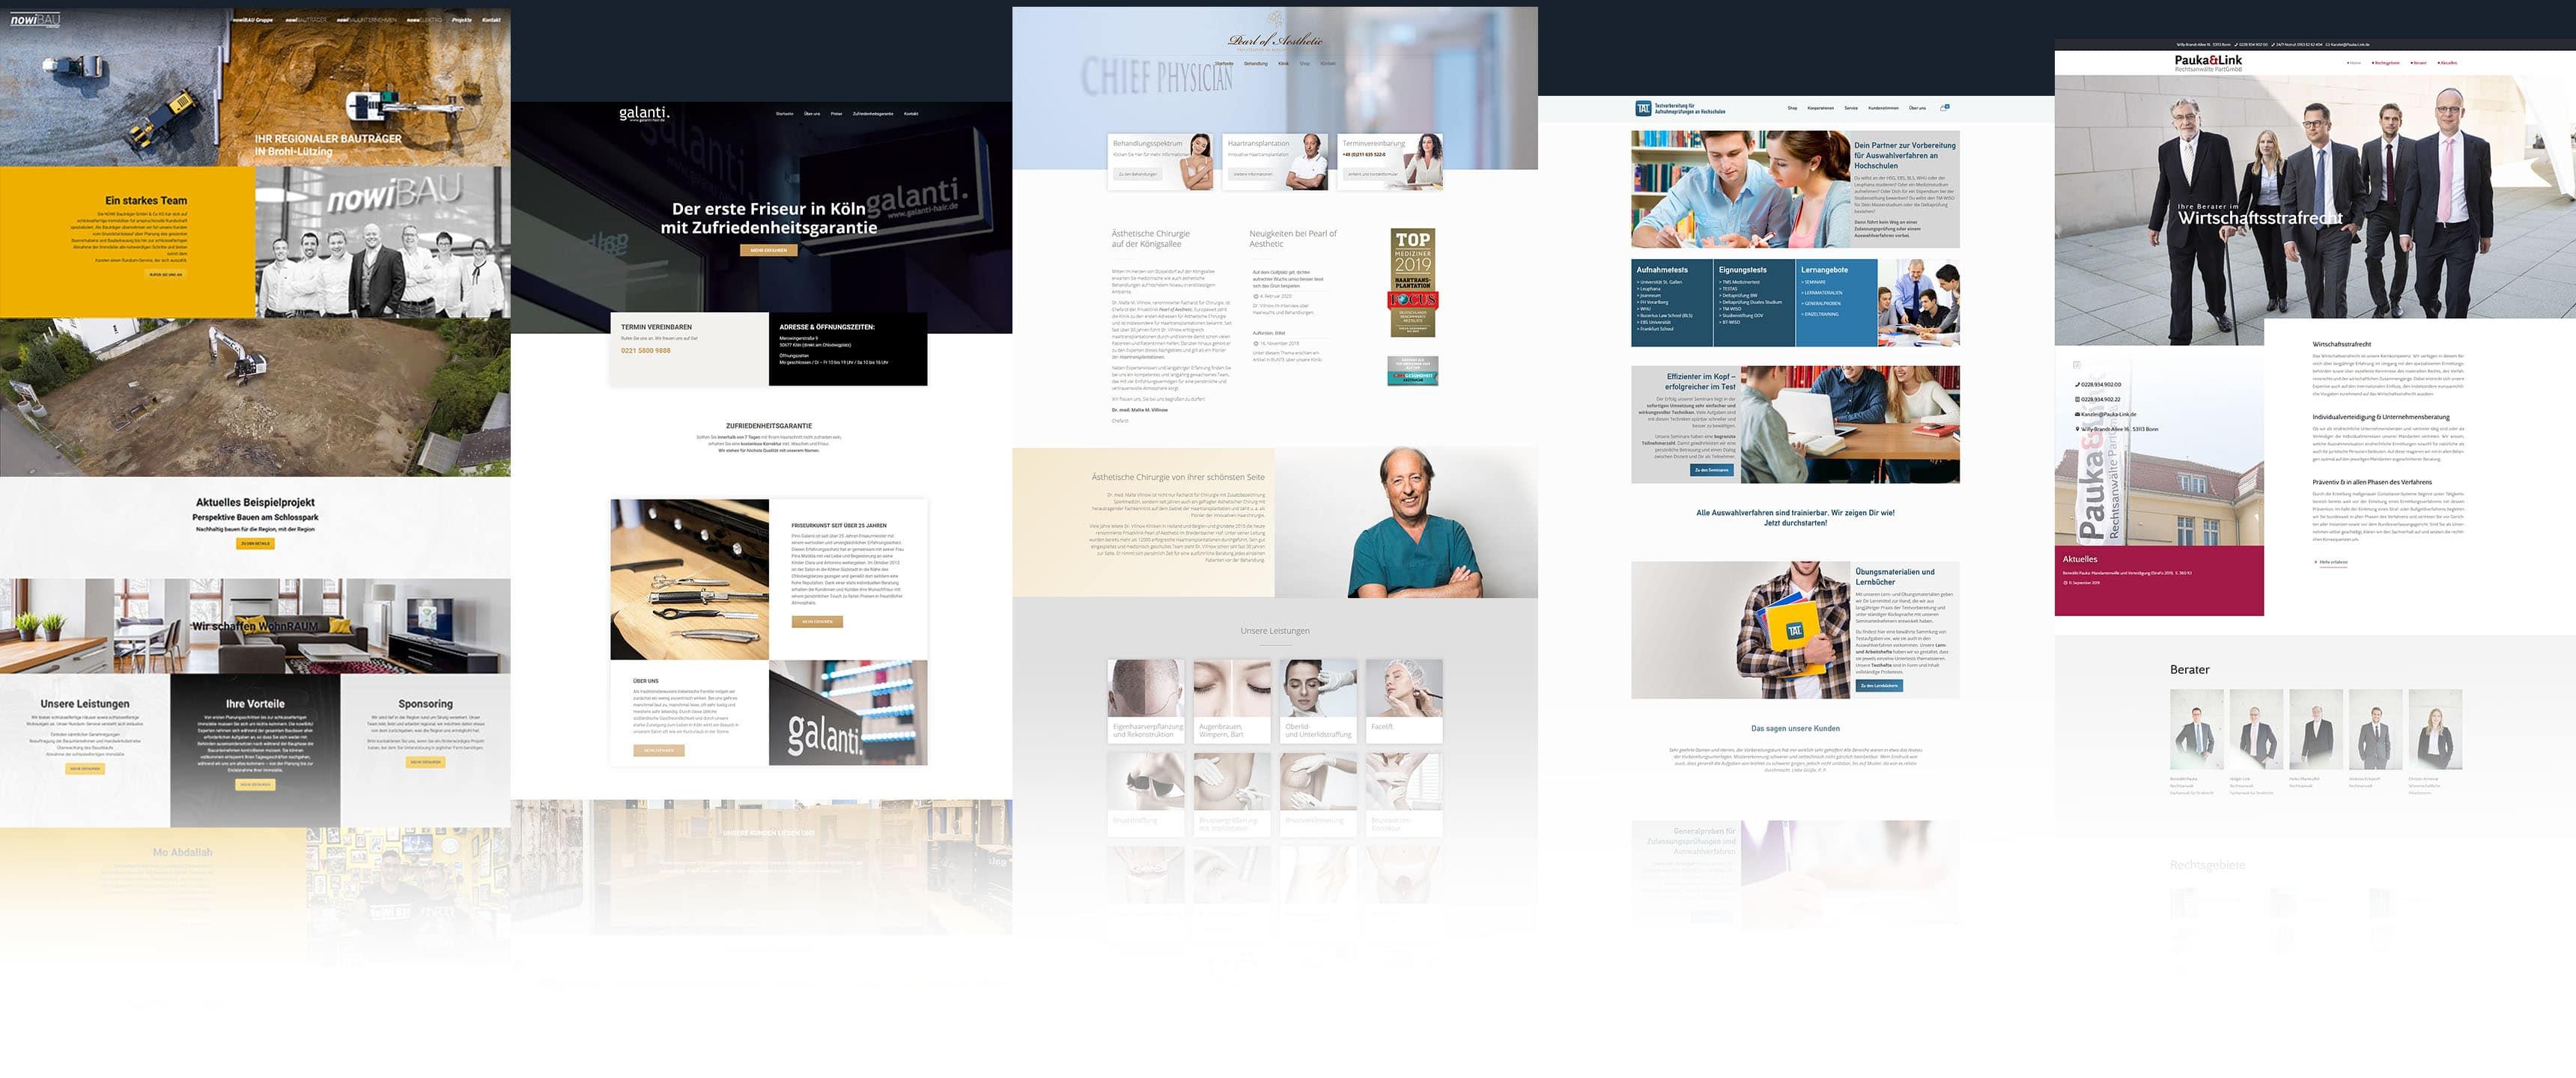 Webdesign Köln Referenzen von unseren Webdesignern aus Köln